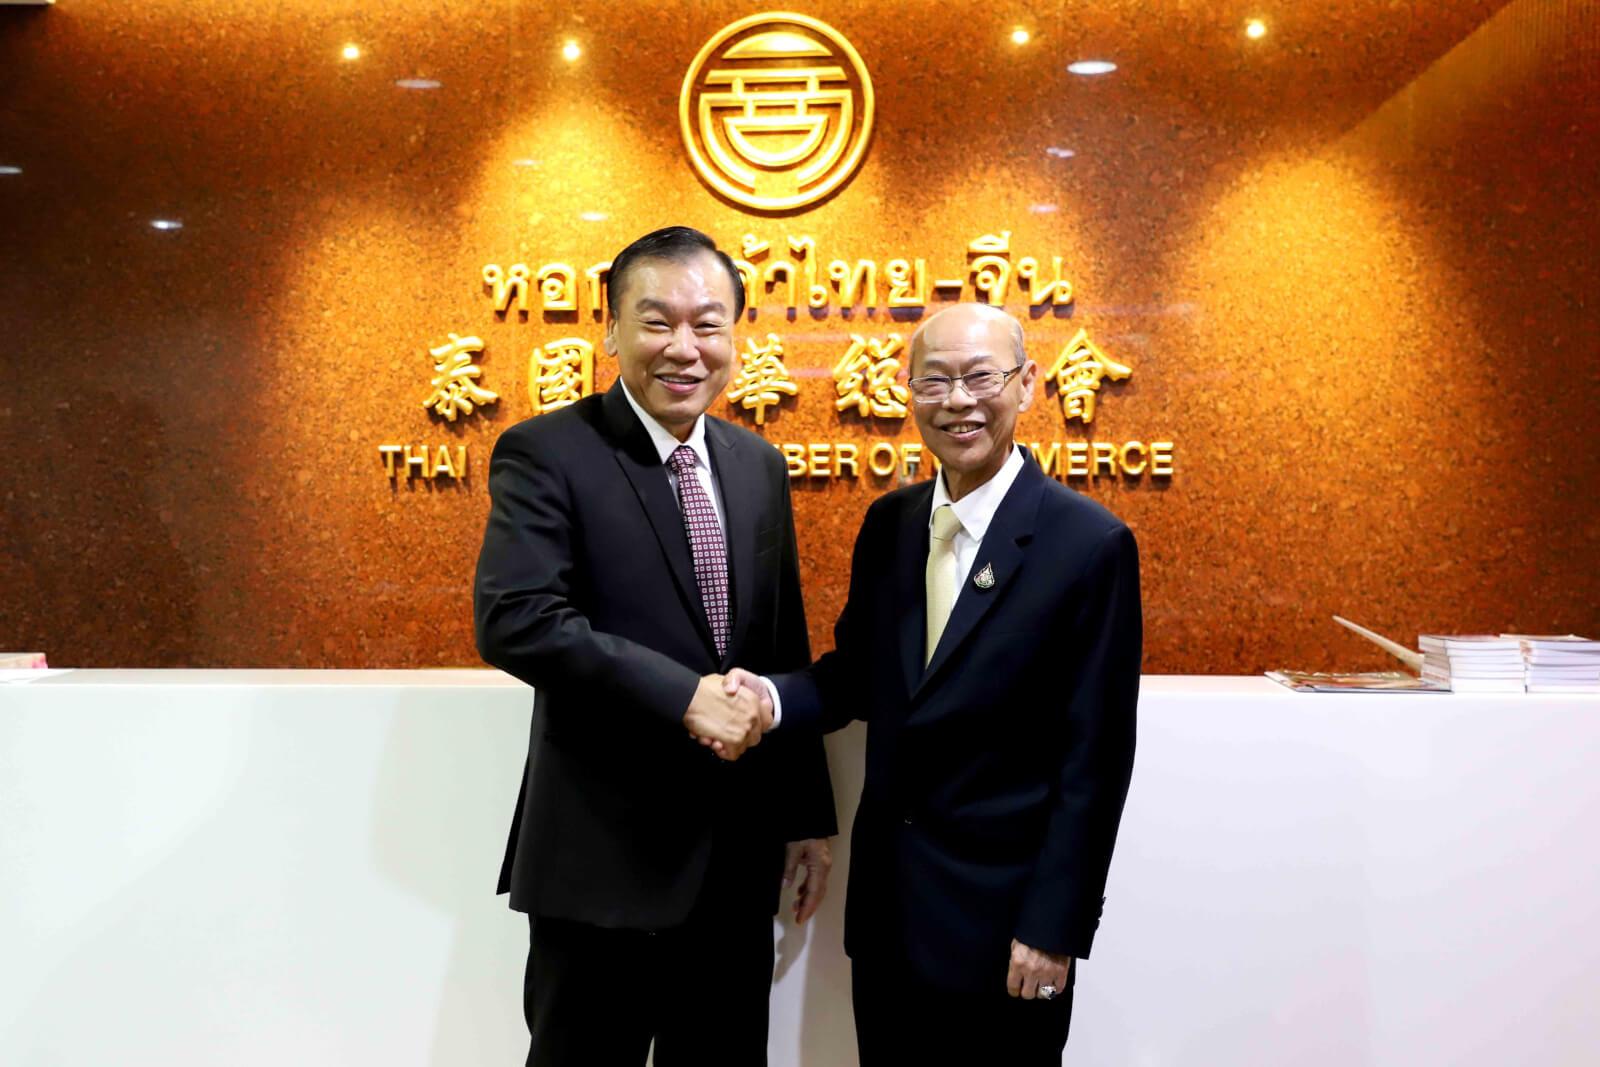 2019 年 7 月 18-21 日 新加坡潮州总会走访 拜会泰国社团行程